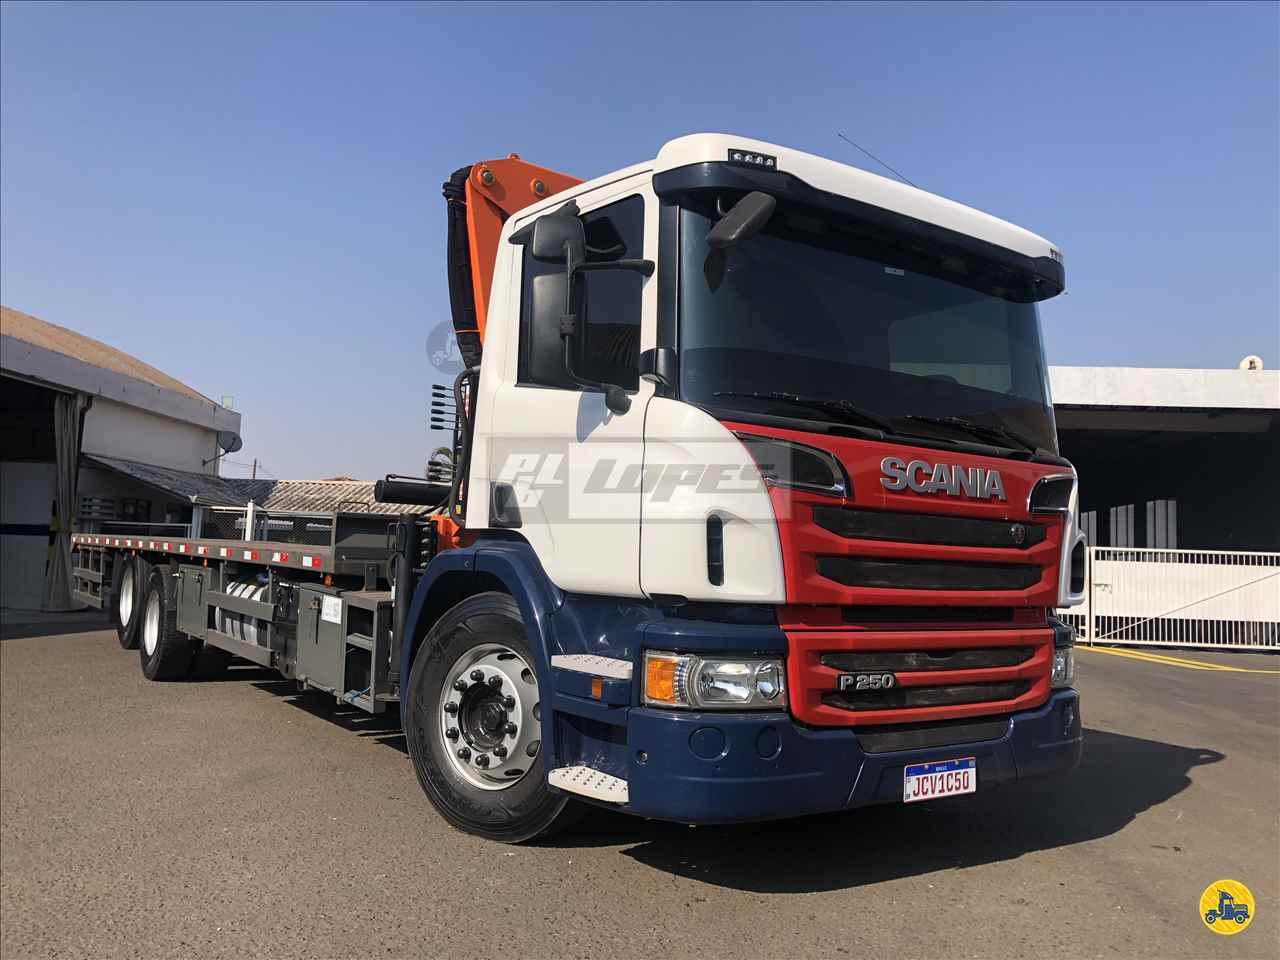 CAMINHAO SCANIA SCANIA P250 Guincho Munck Truck 6x2 P.B. Lopes - Scania MARINGA PARANÁ PR